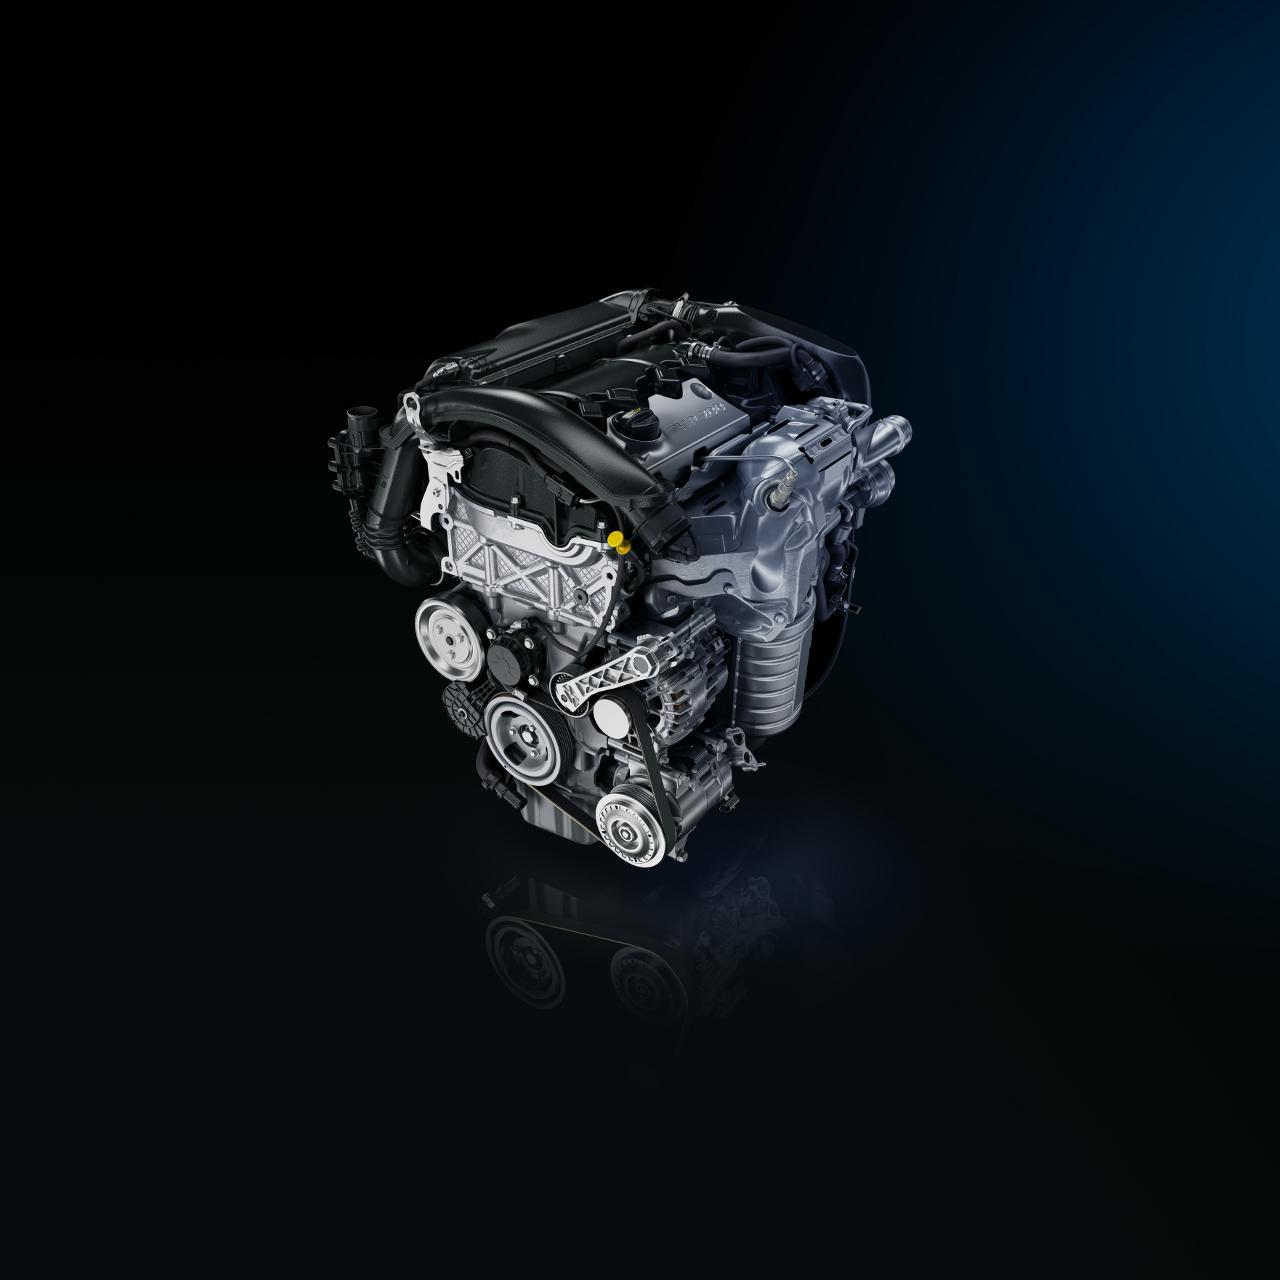 Peugeot - moteur / engine - 1.6L THP 205